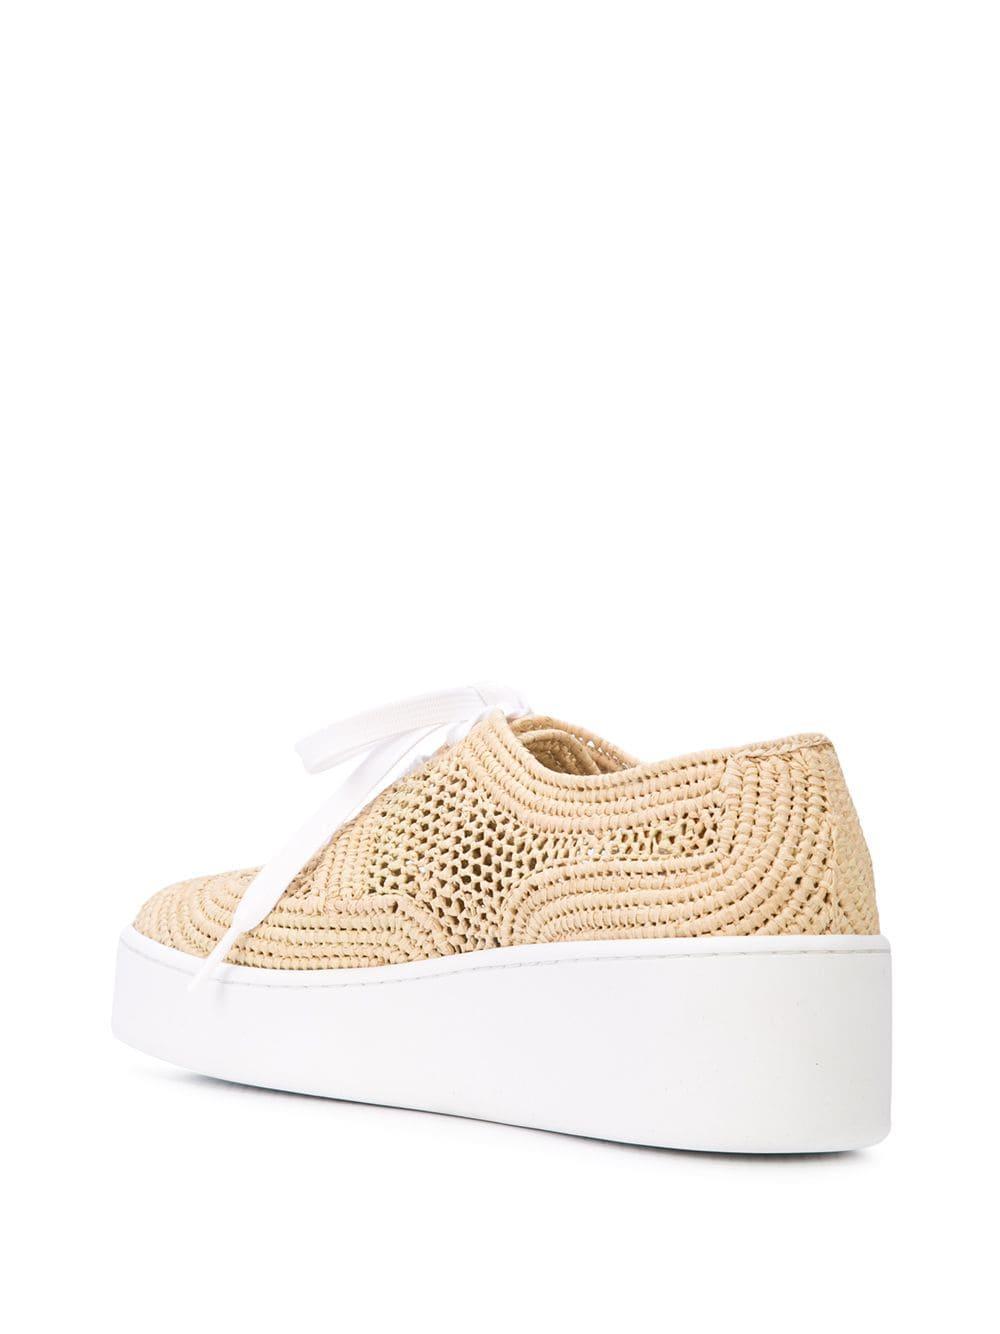 Zapatillas de plataforma tejidas Clergerie de Cuero de color Blanco